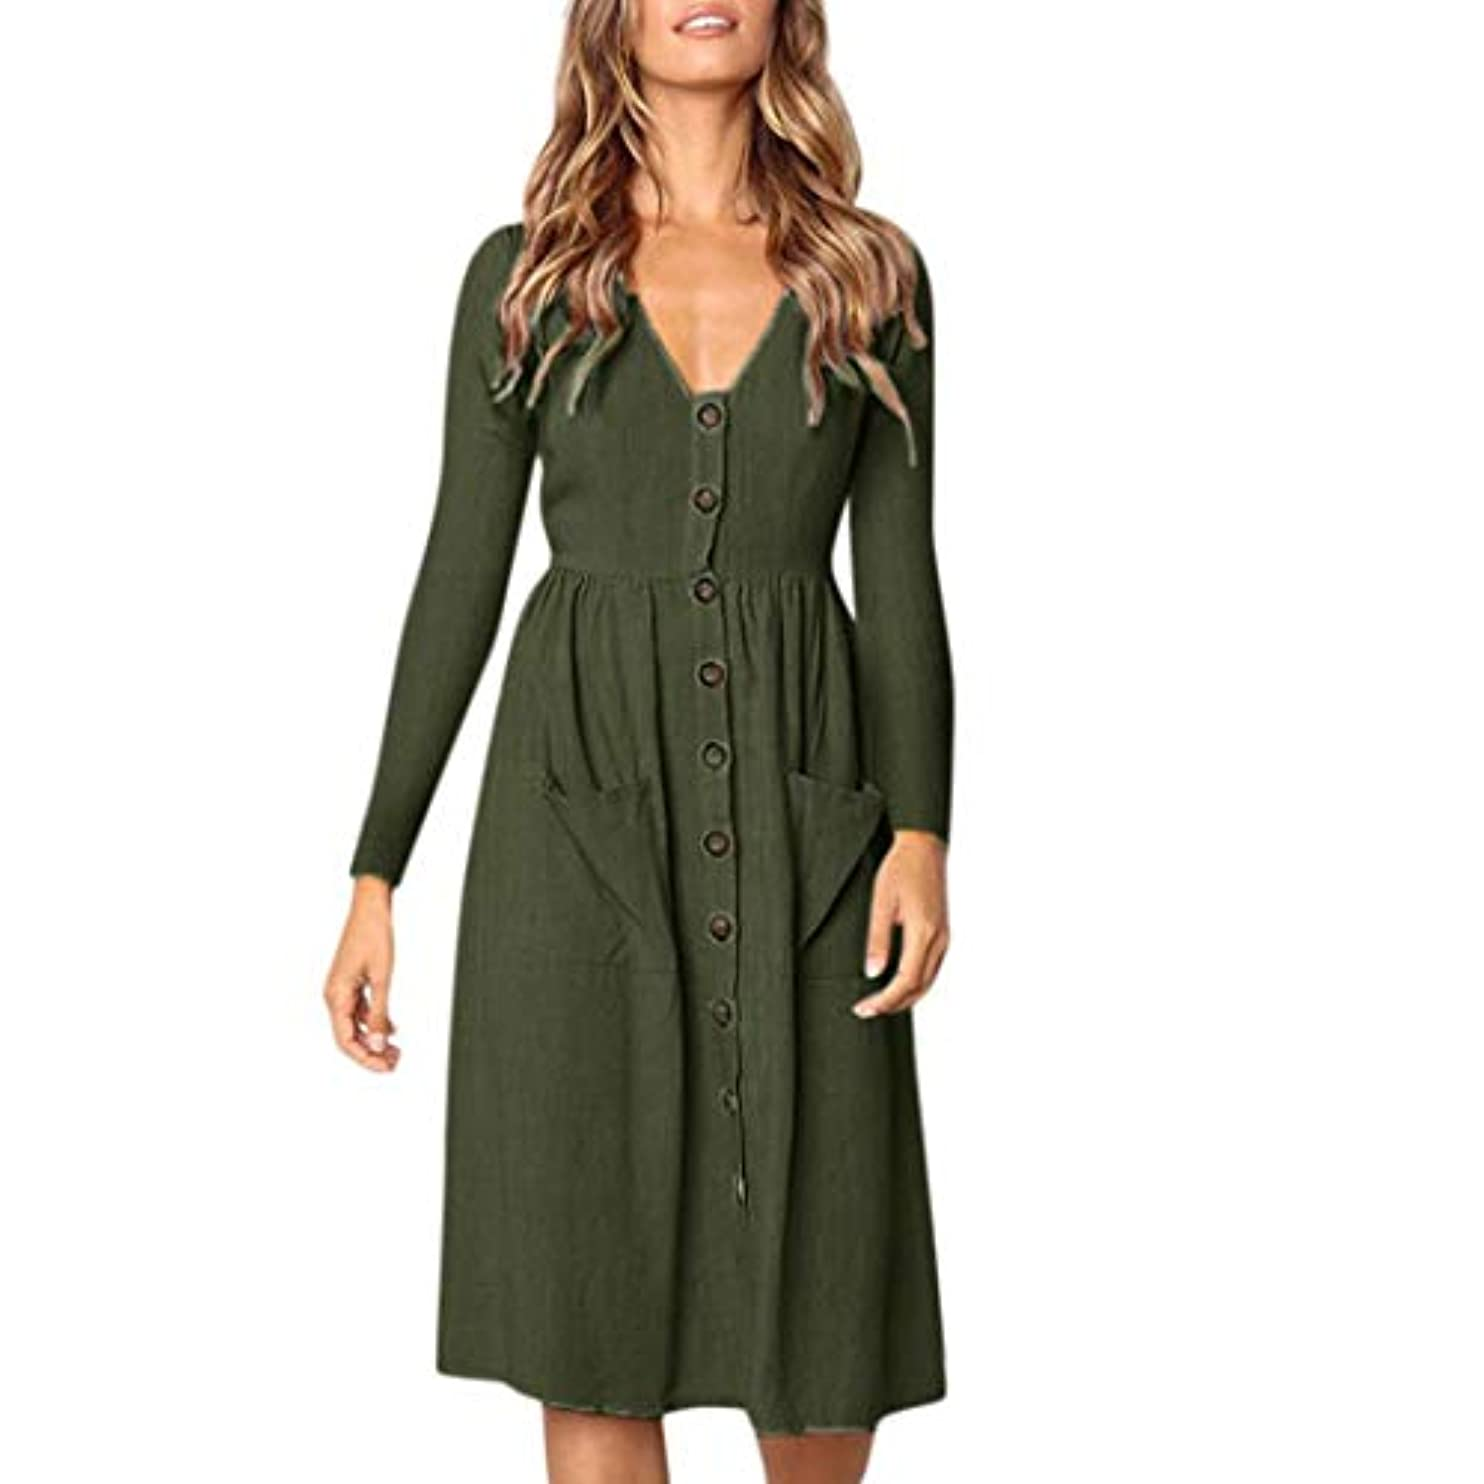 核グローアッティカスSakuraBest Women V Neck Button Dress Long Sleeve Pocket Dress for Summer Aytumn